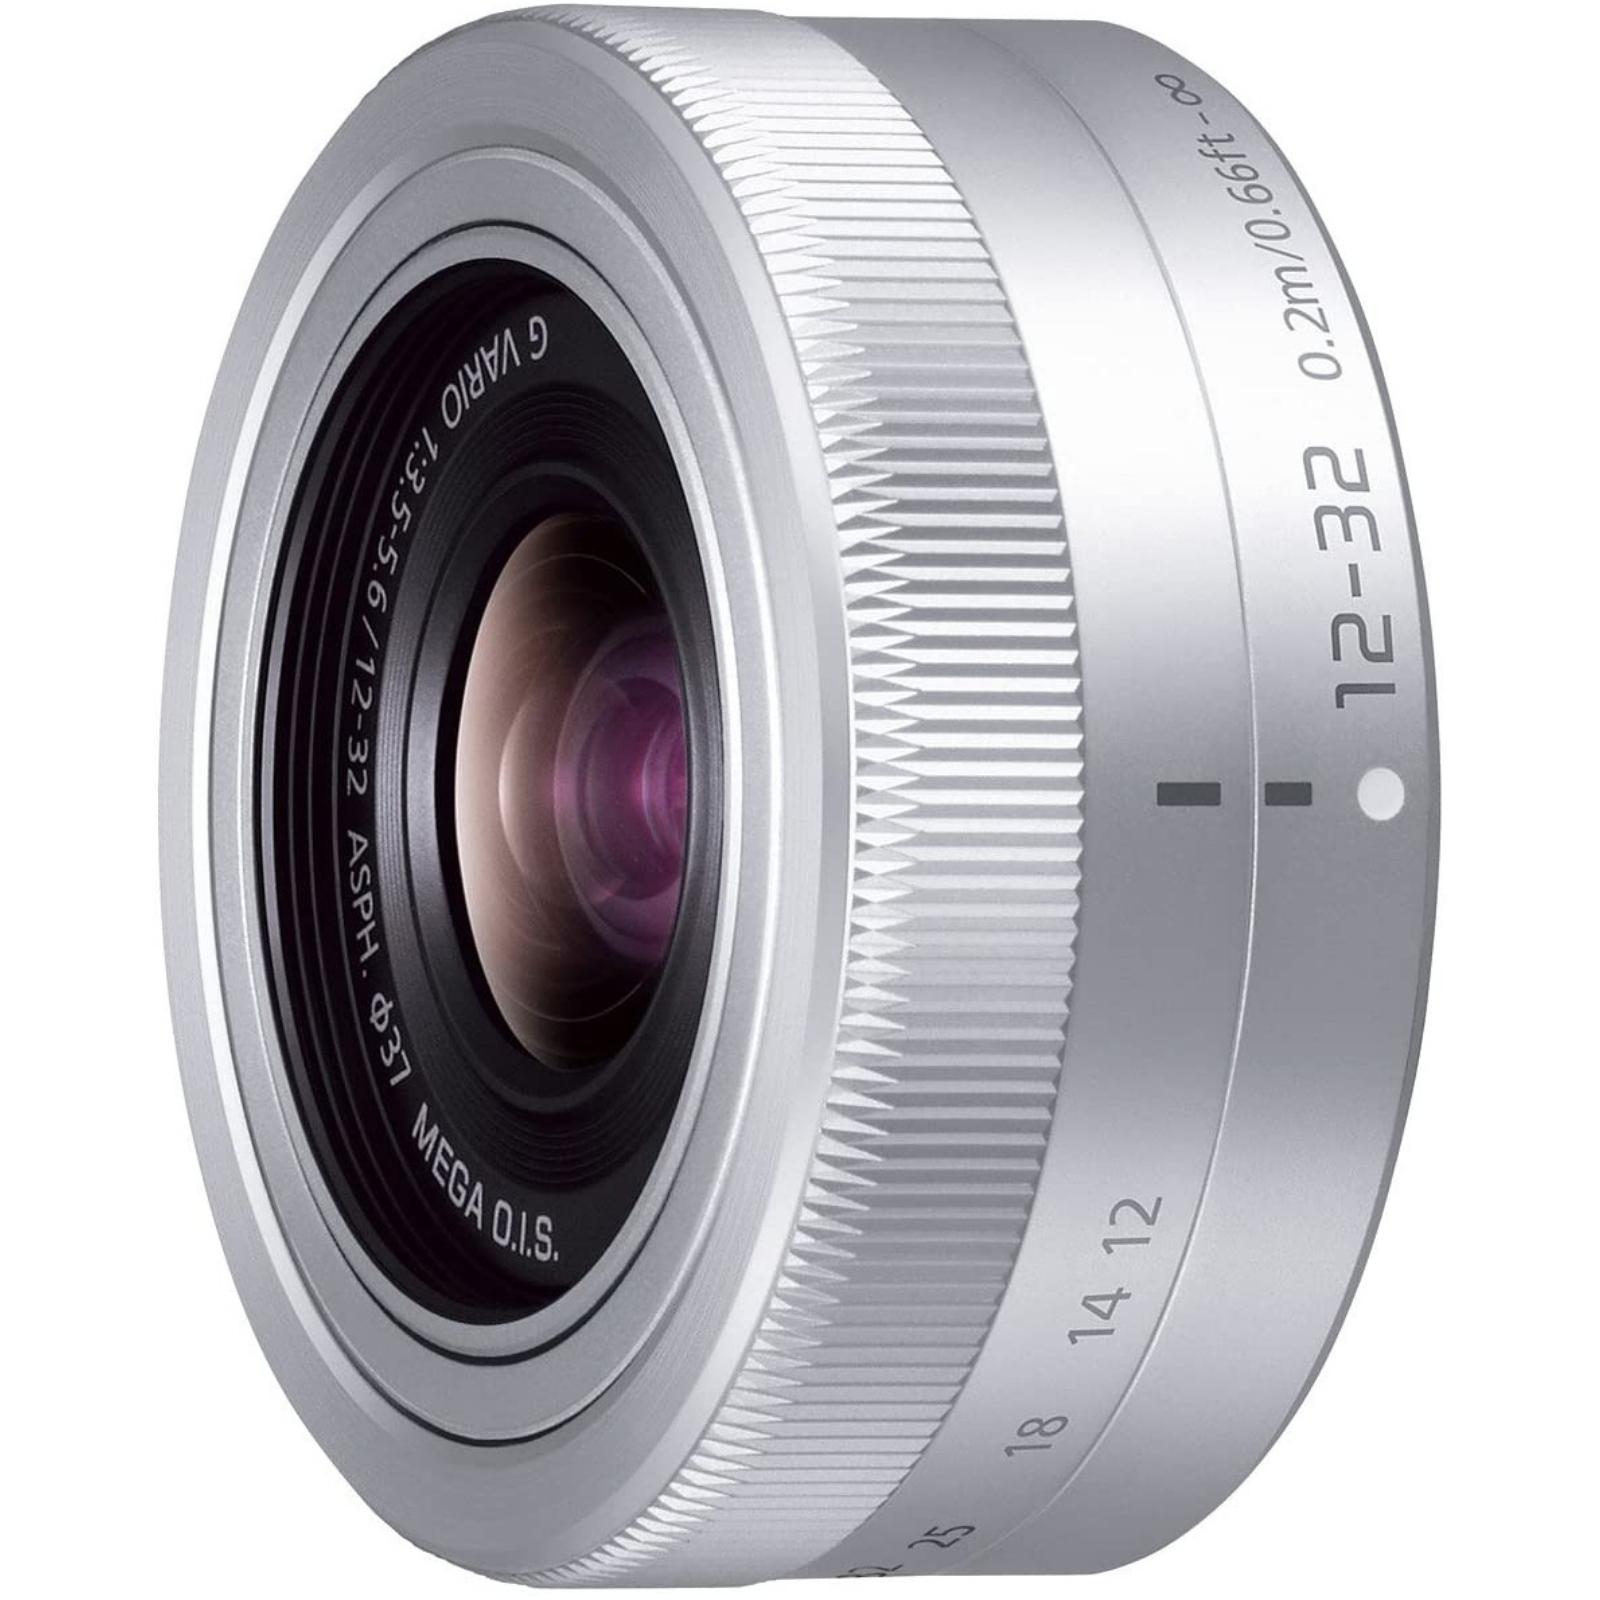 Panasonic パナソニック 標準ズームレンズ  G VARIO 12-32mm/F3.5-5.6 ASPH./MEGA O.I.S. シルバー 新品 (簡易箱)